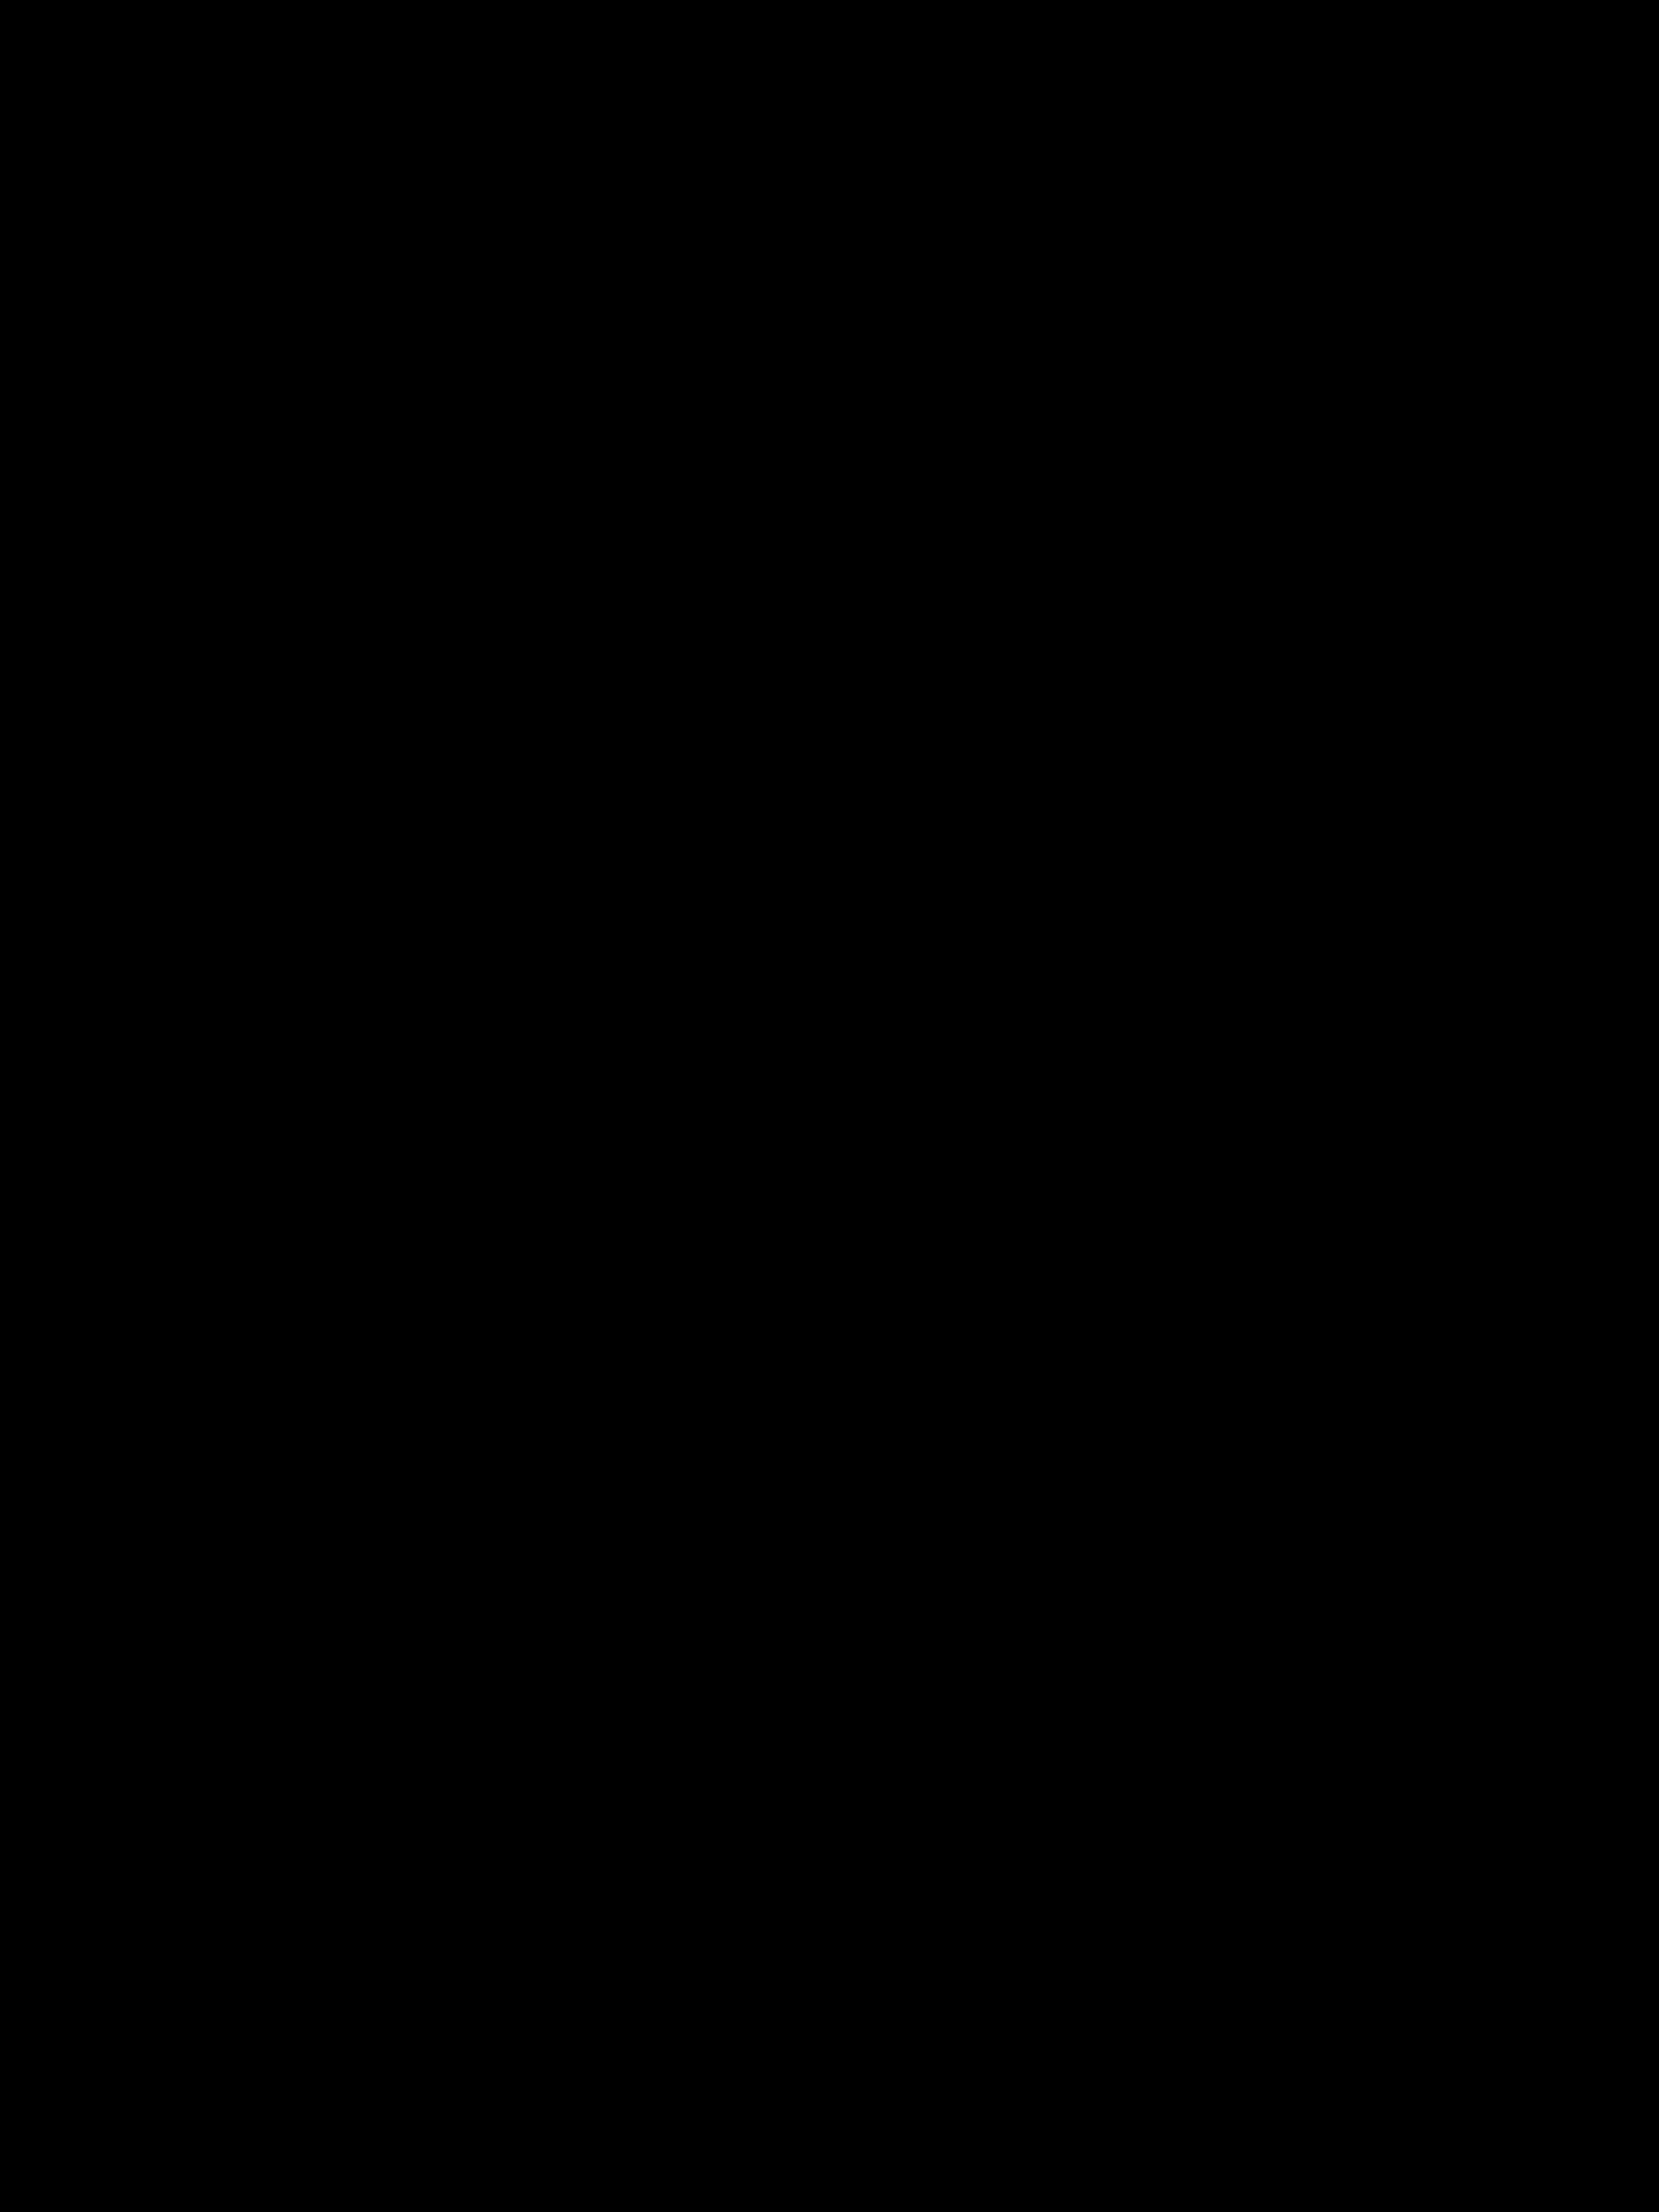 国庆中秋双节,祝大家节日快乐、万事大吉、阖家欢乐!